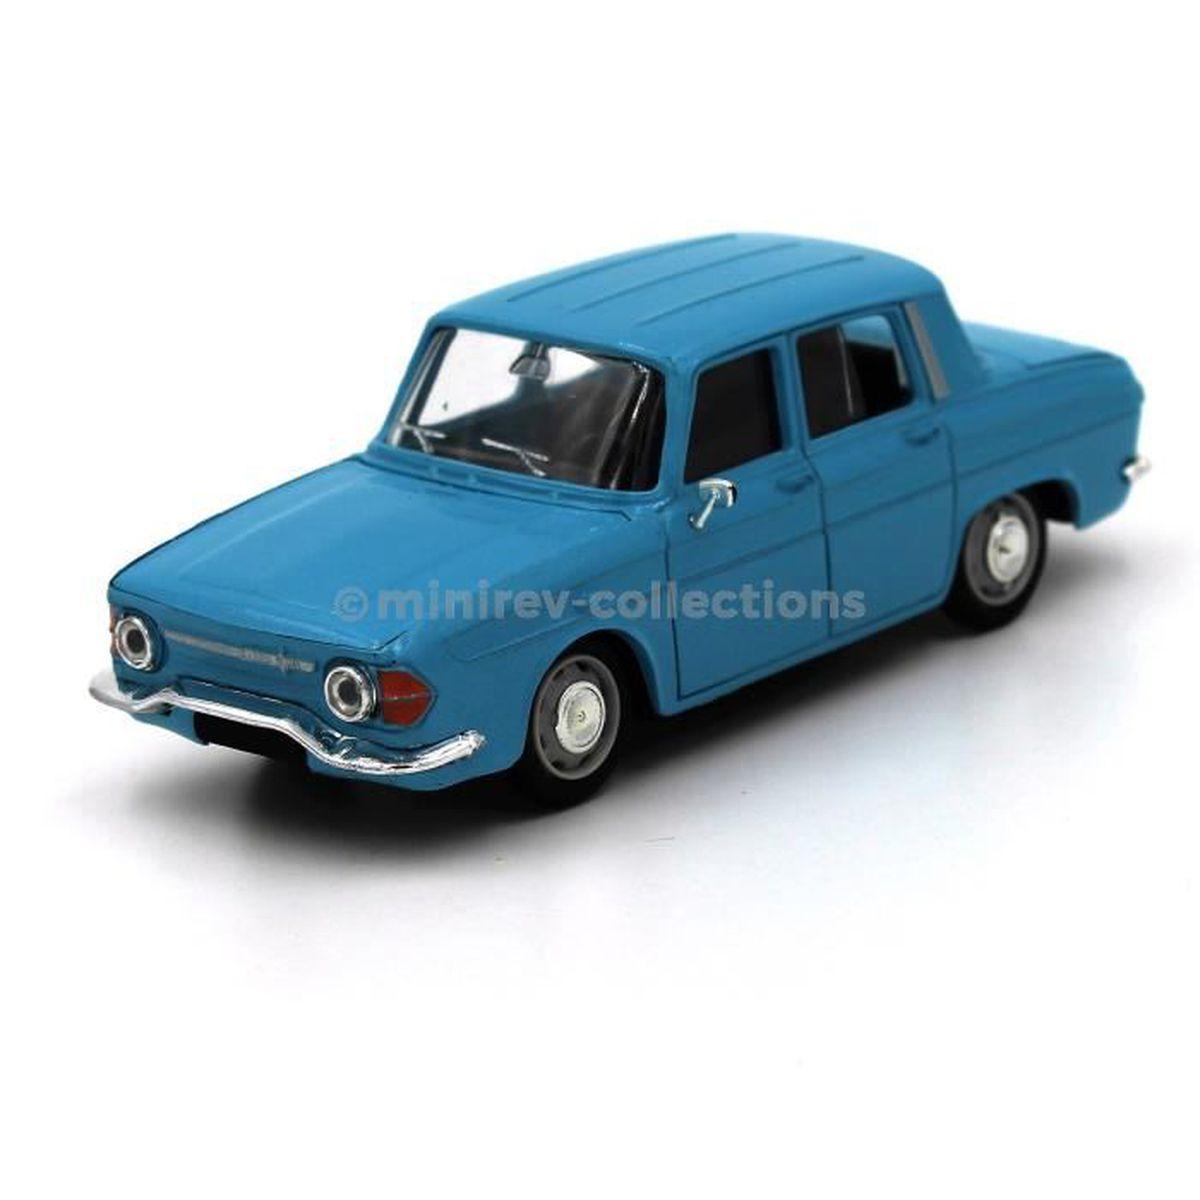 voiture miniature 1 43 norev achat vente jeux et jouets pas chers. Black Bedroom Furniture Sets. Home Design Ideas